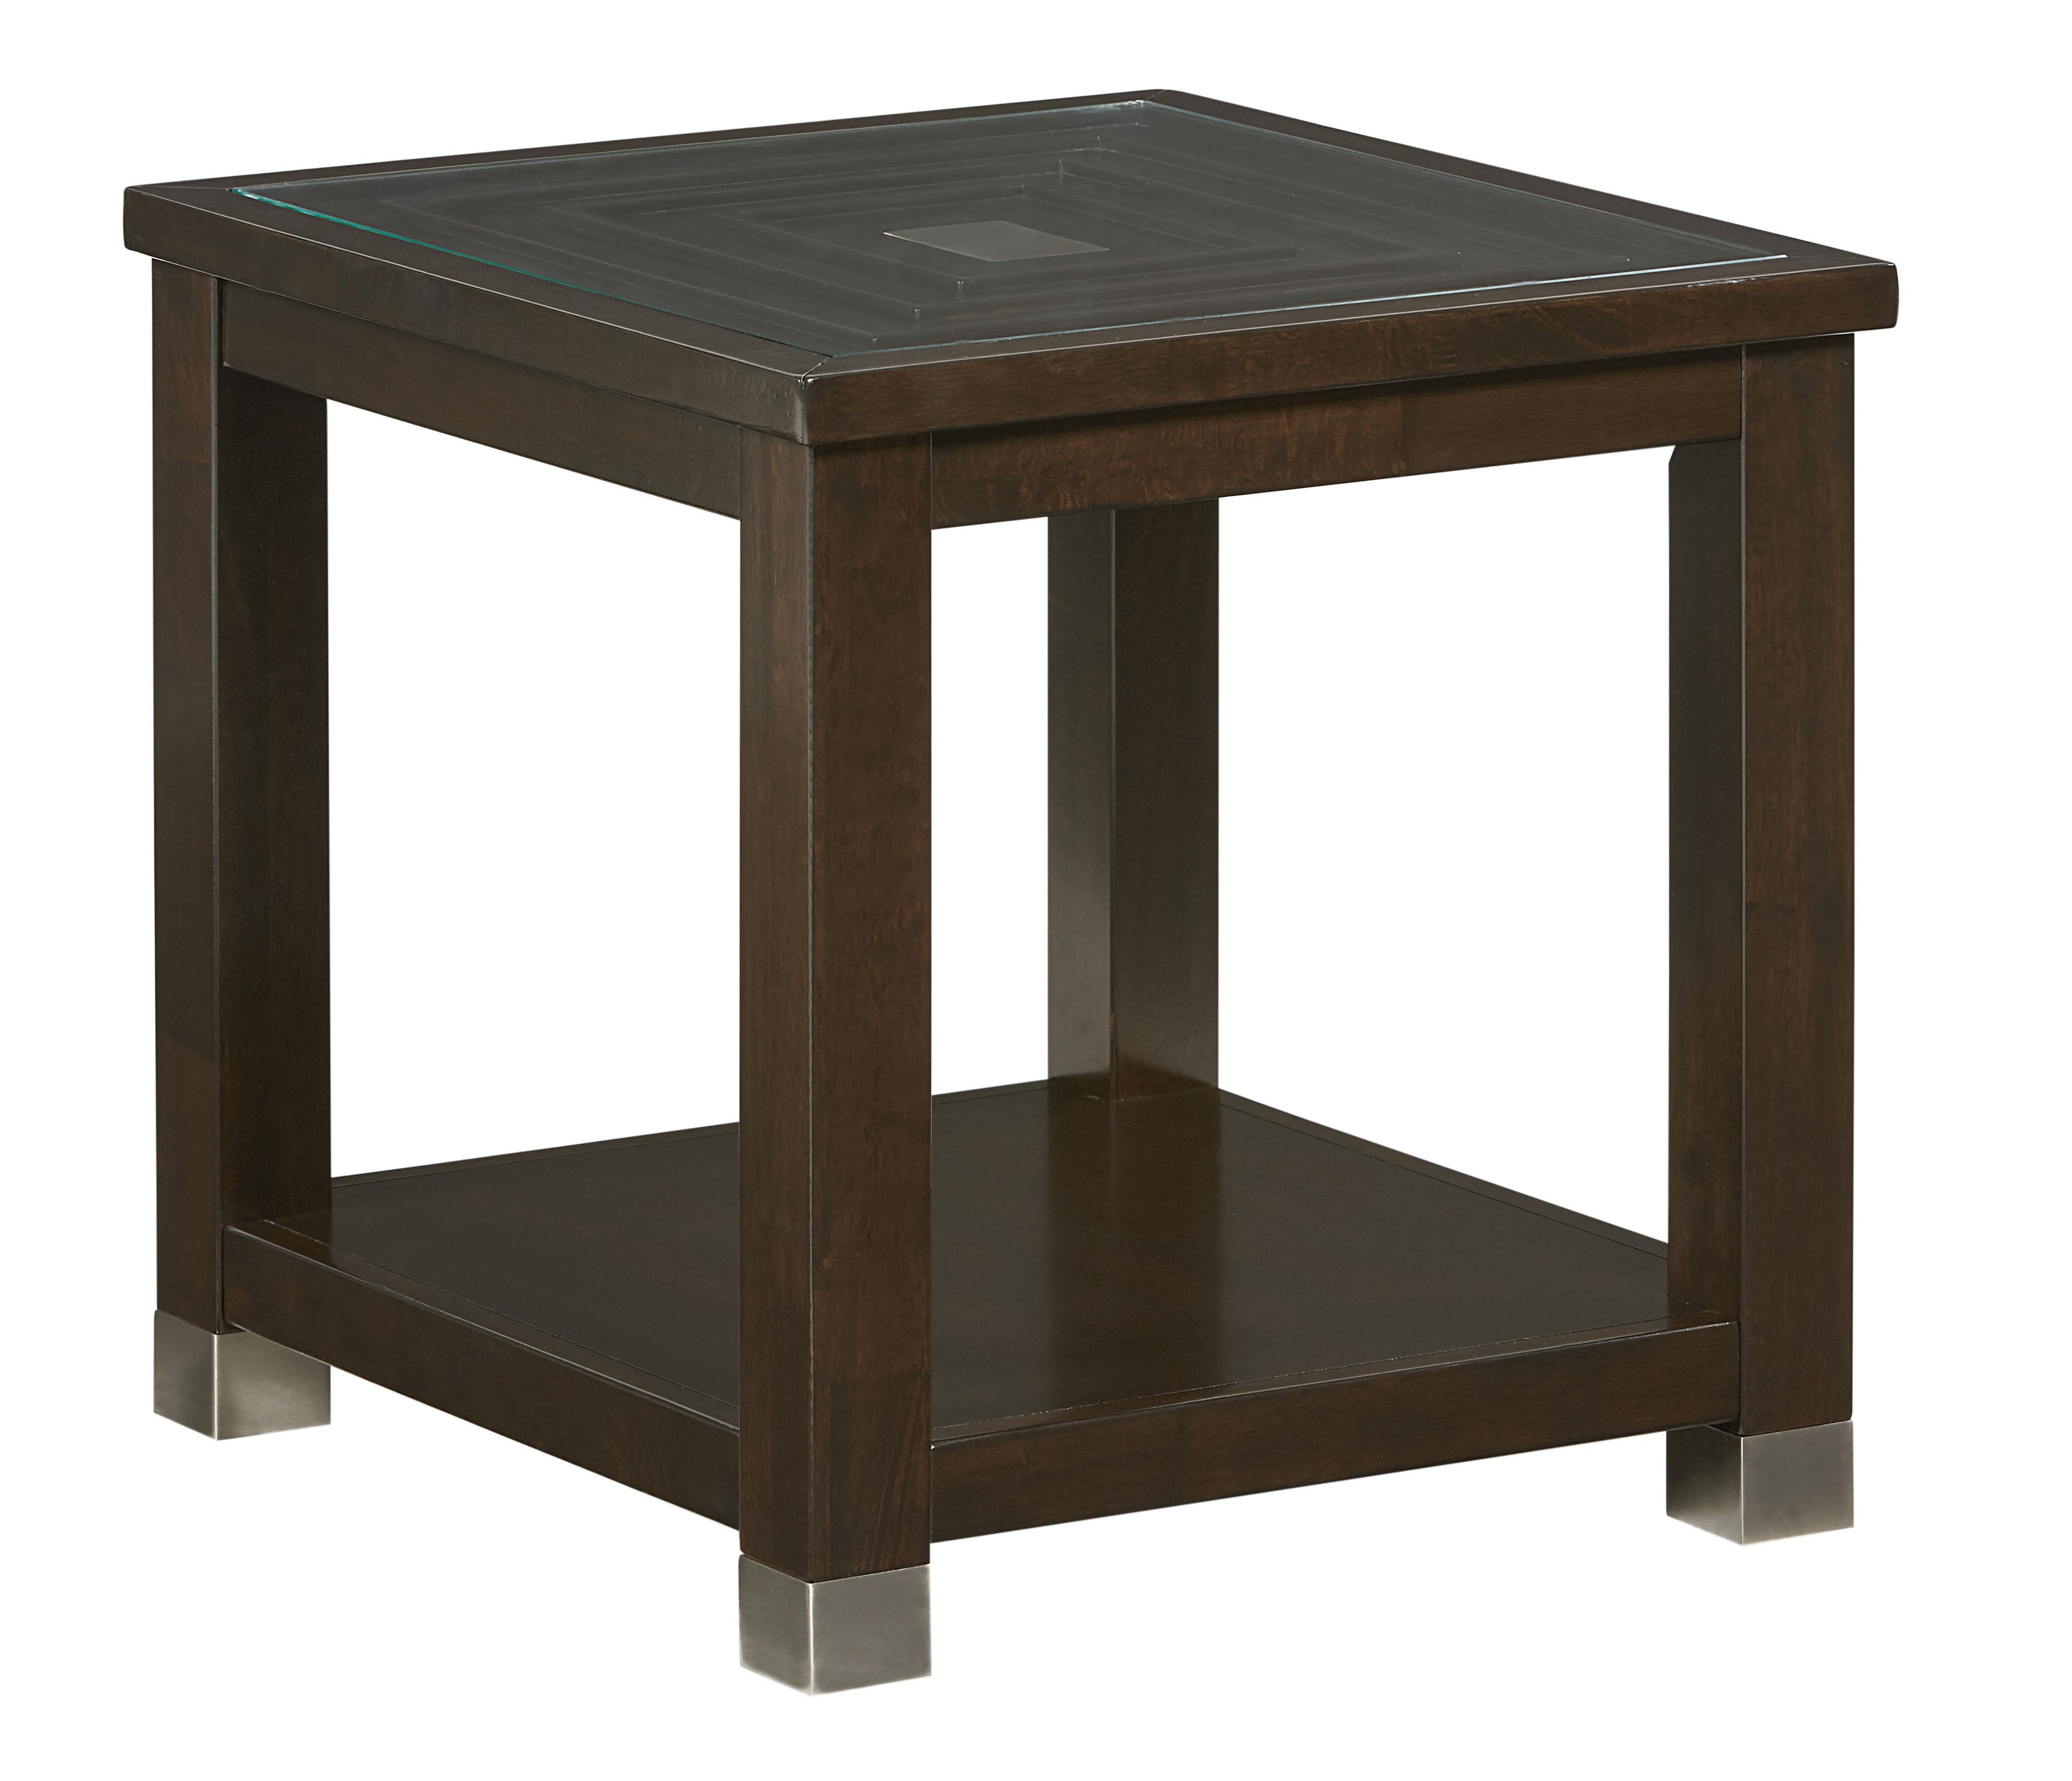 Standard Furniture Colton End Table                            - Item Number: 29072